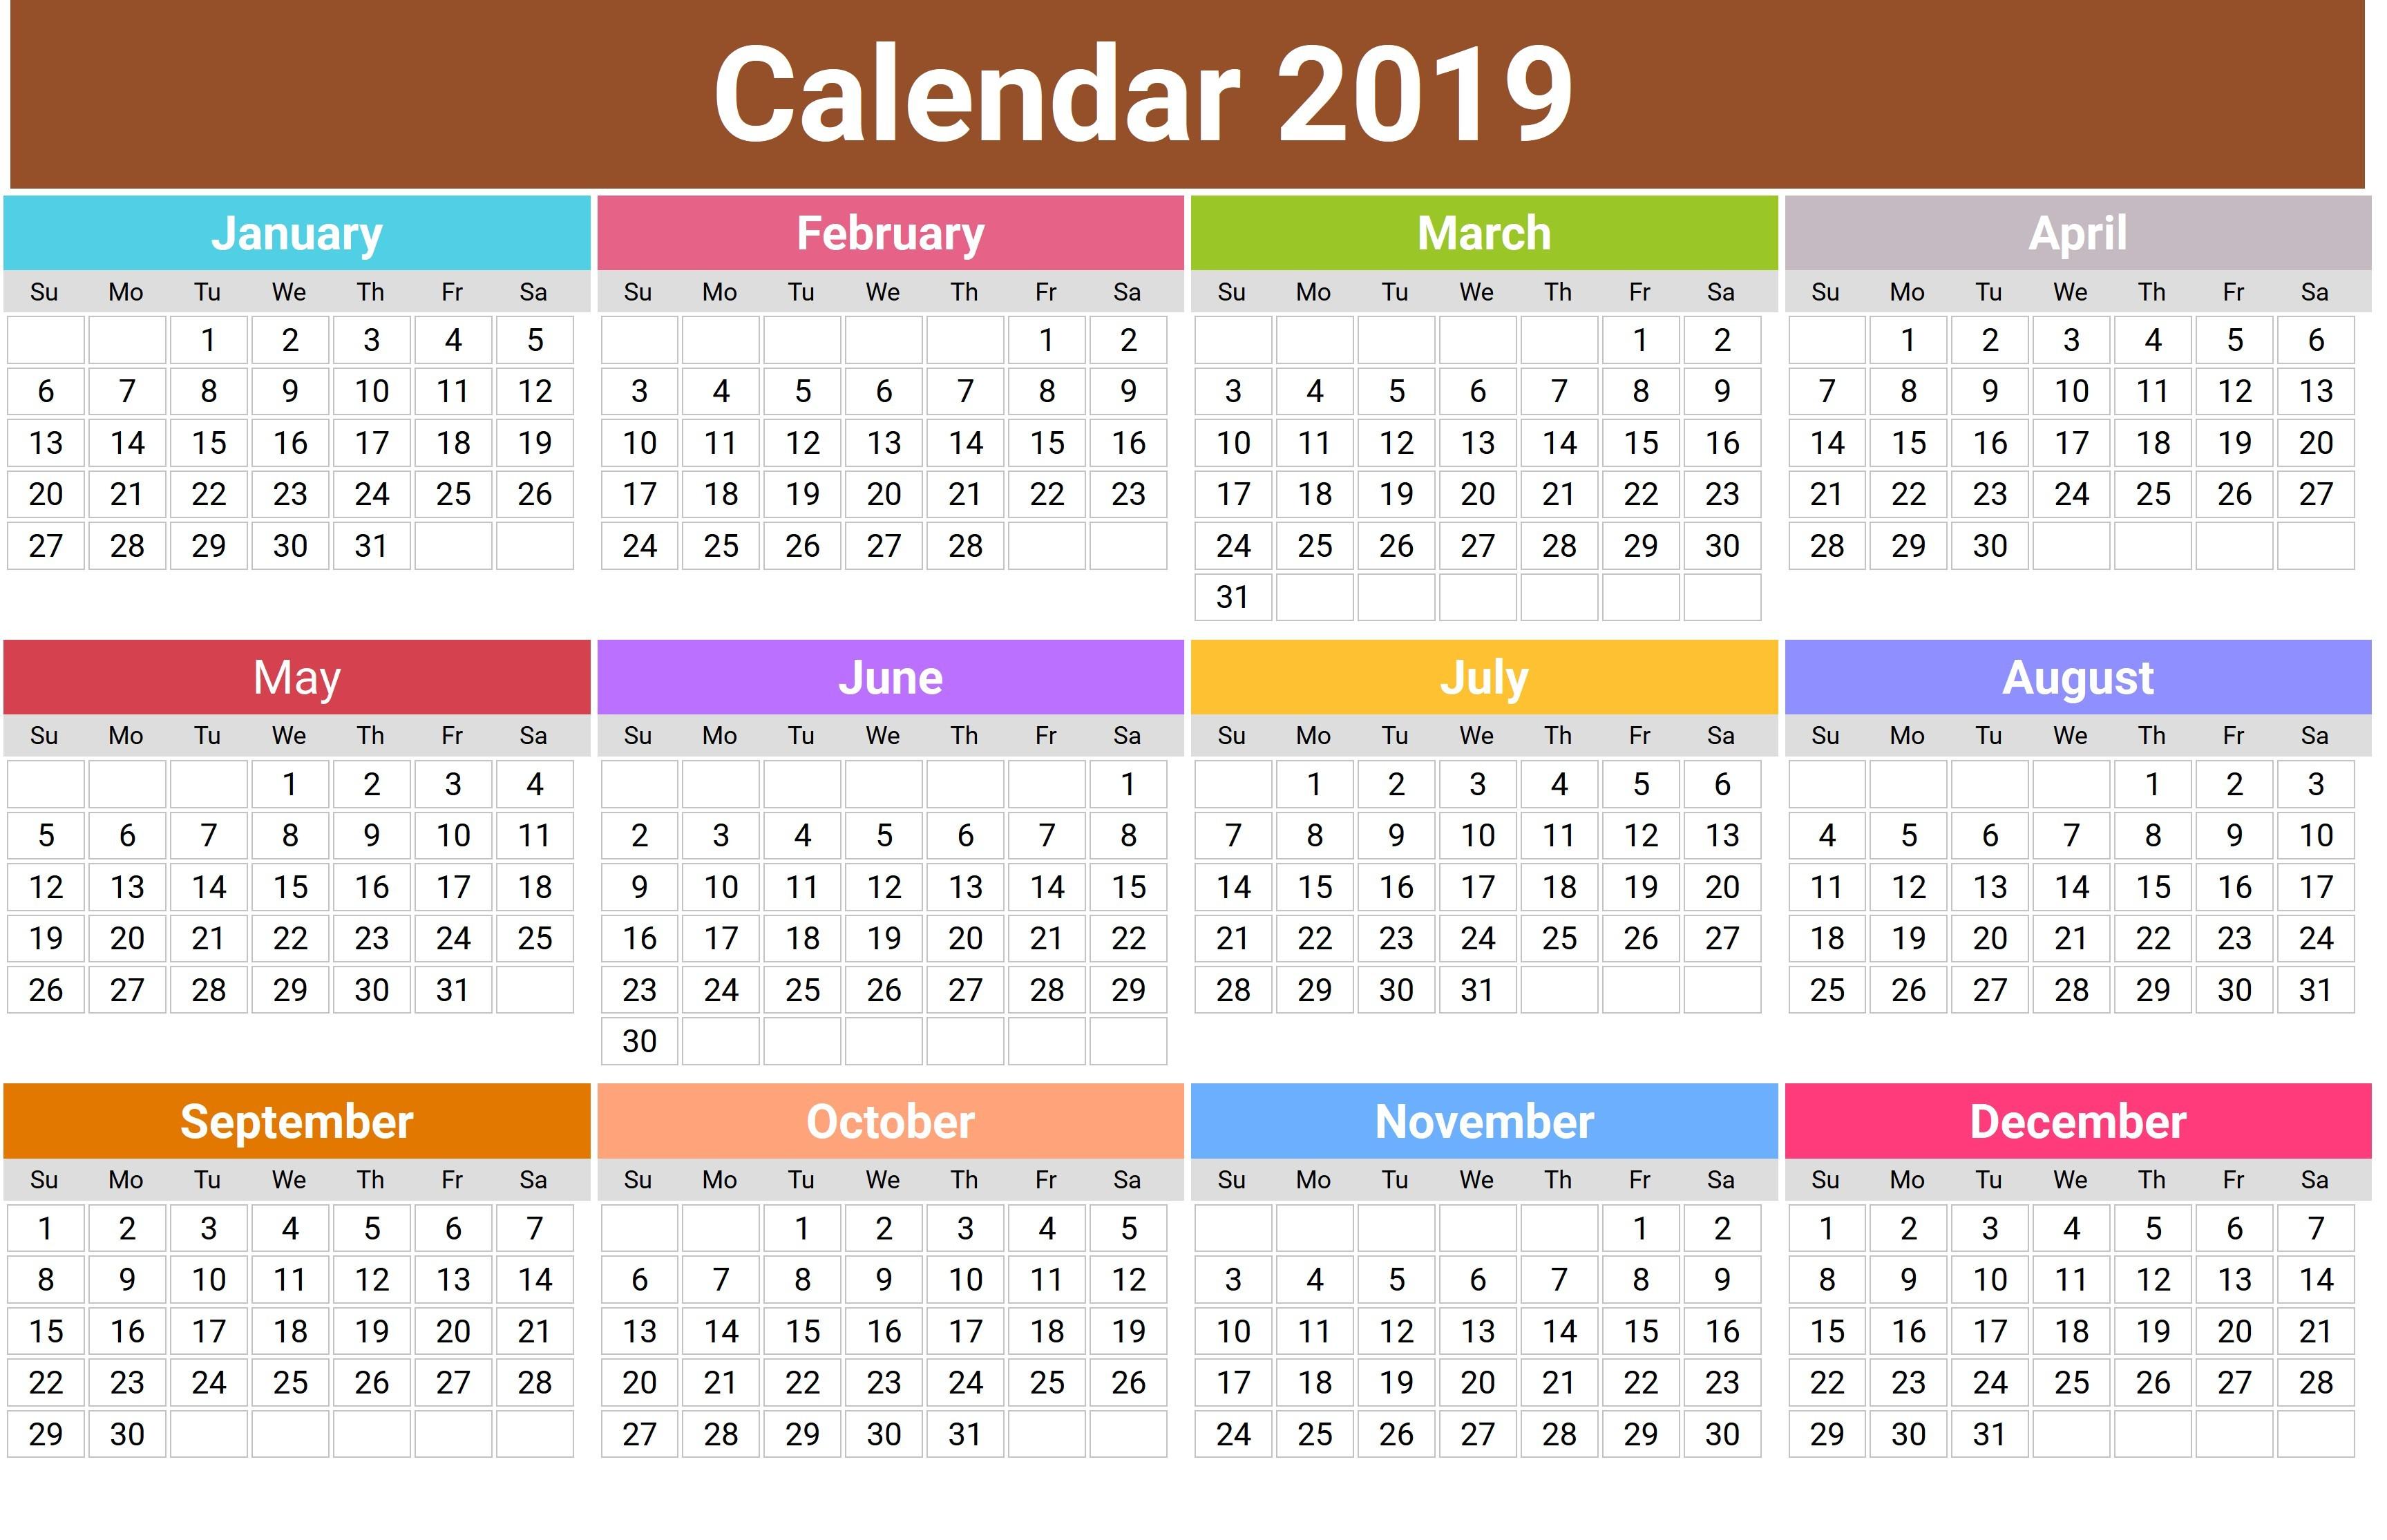 Kalender 2019 Excel Kw Más Arriba-a-fecha Kalender 2019 Book at Seimado Of Kalender 2019 Excel Kw Actual Kalenderwochen 2017 Excel Genial Kalender 2017 Excel Malvorlagen